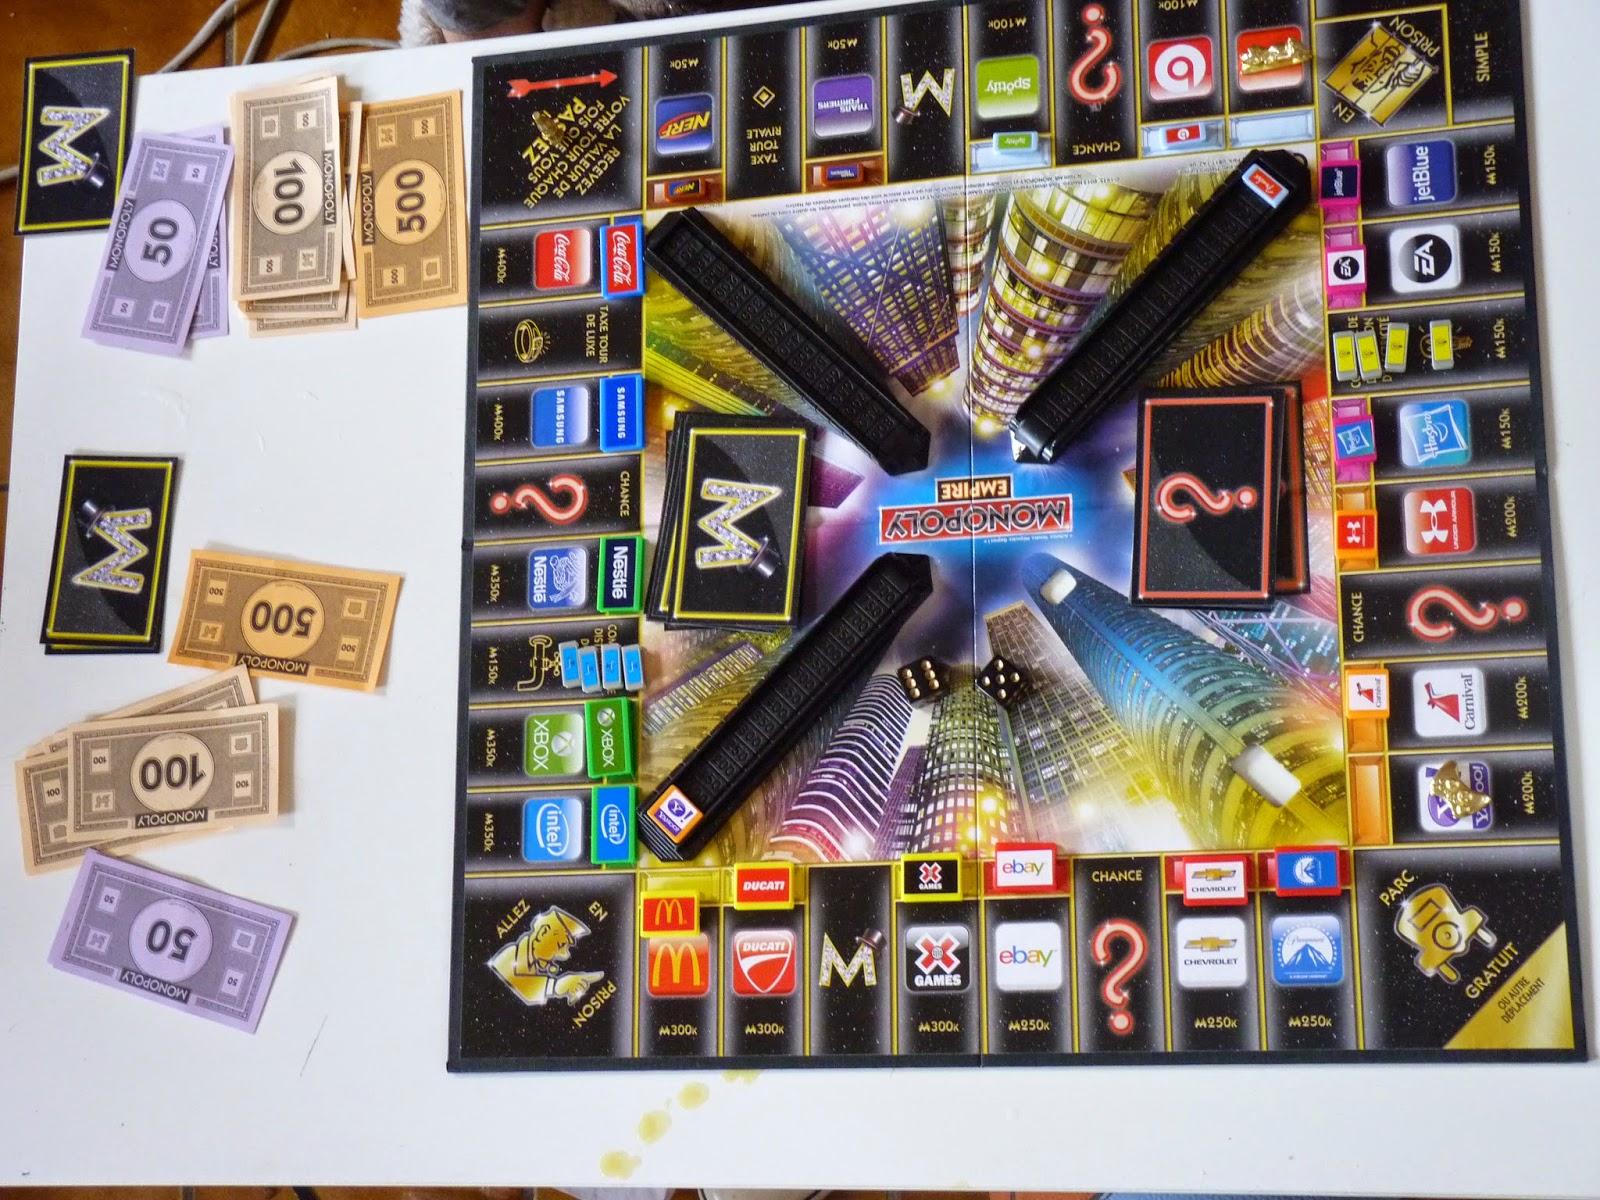 monopoly empire, jeux vidéo, jeux marque, jeux connu, s'occuper, mc donald, yahoo, ducatti, week end pluvieux, beat audio, nerf, spotify, jetblue, EA, compagnie d'electricité, hasbro, under armour, carnival, Xgames, itel, xbox, coca cola, samsung, compagnie d'eau, paramount,